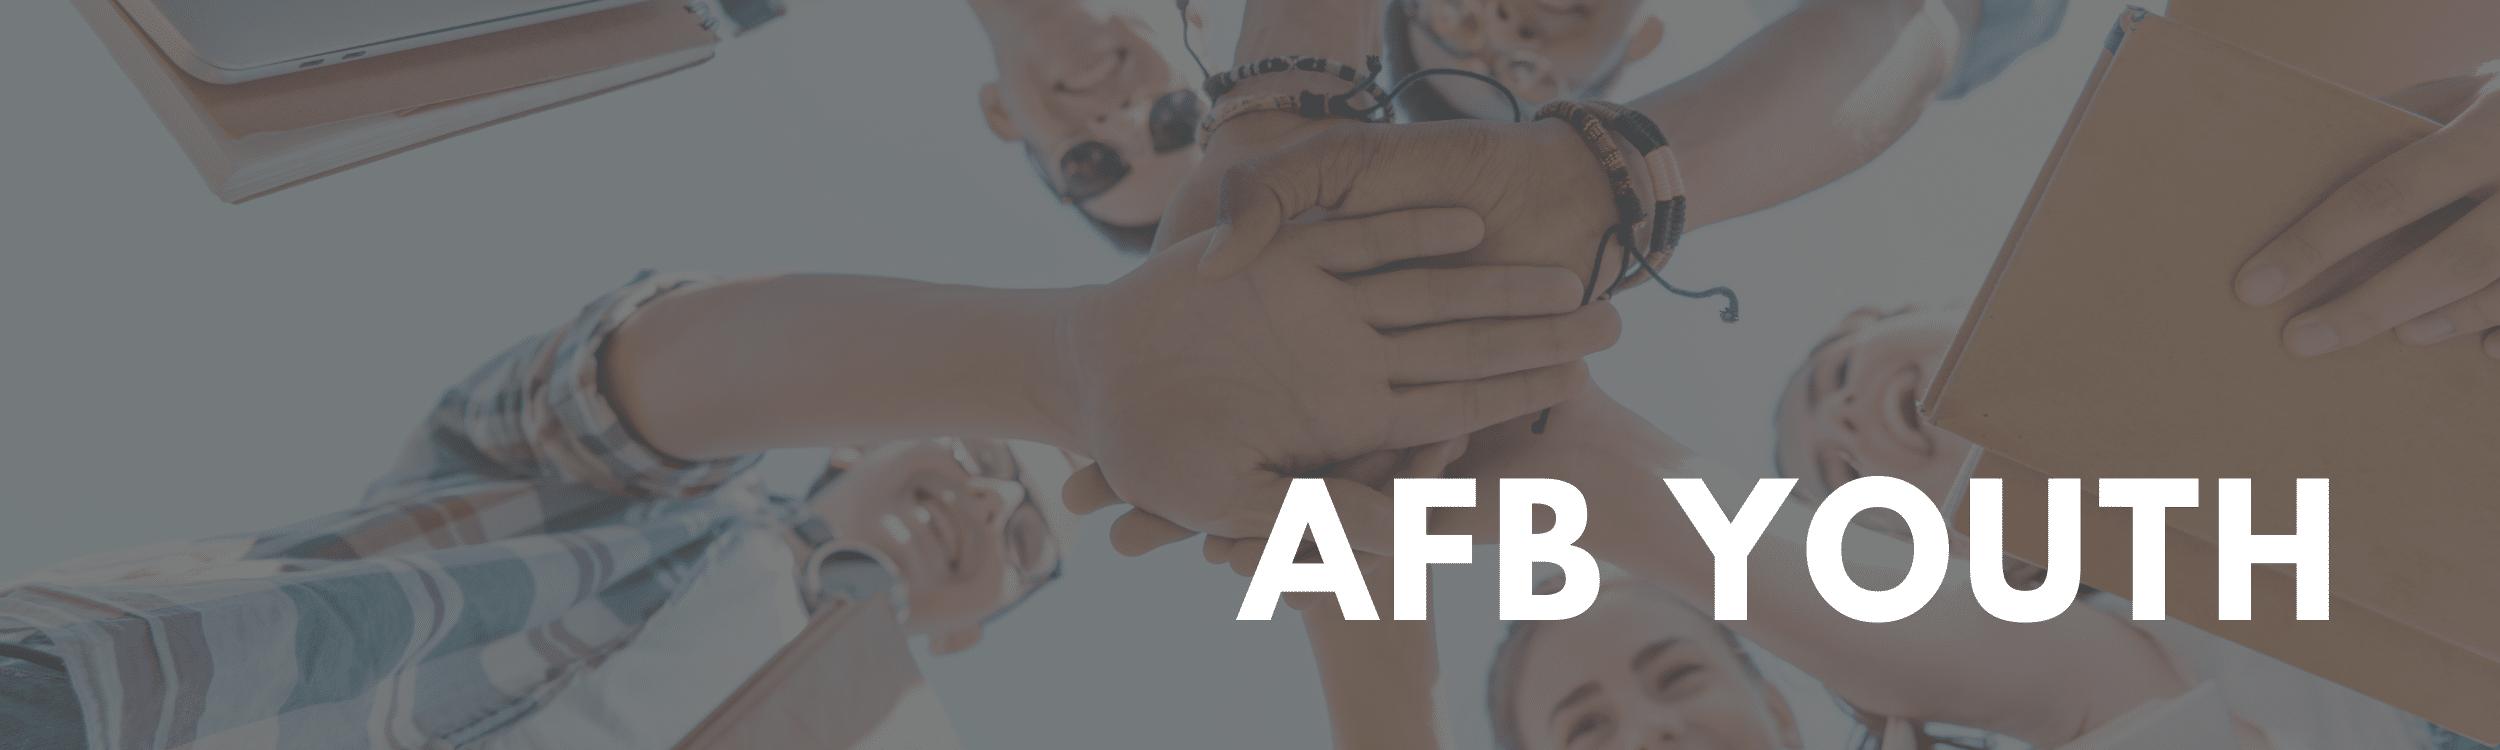 Aberdeen First Baptist Church Youth Group